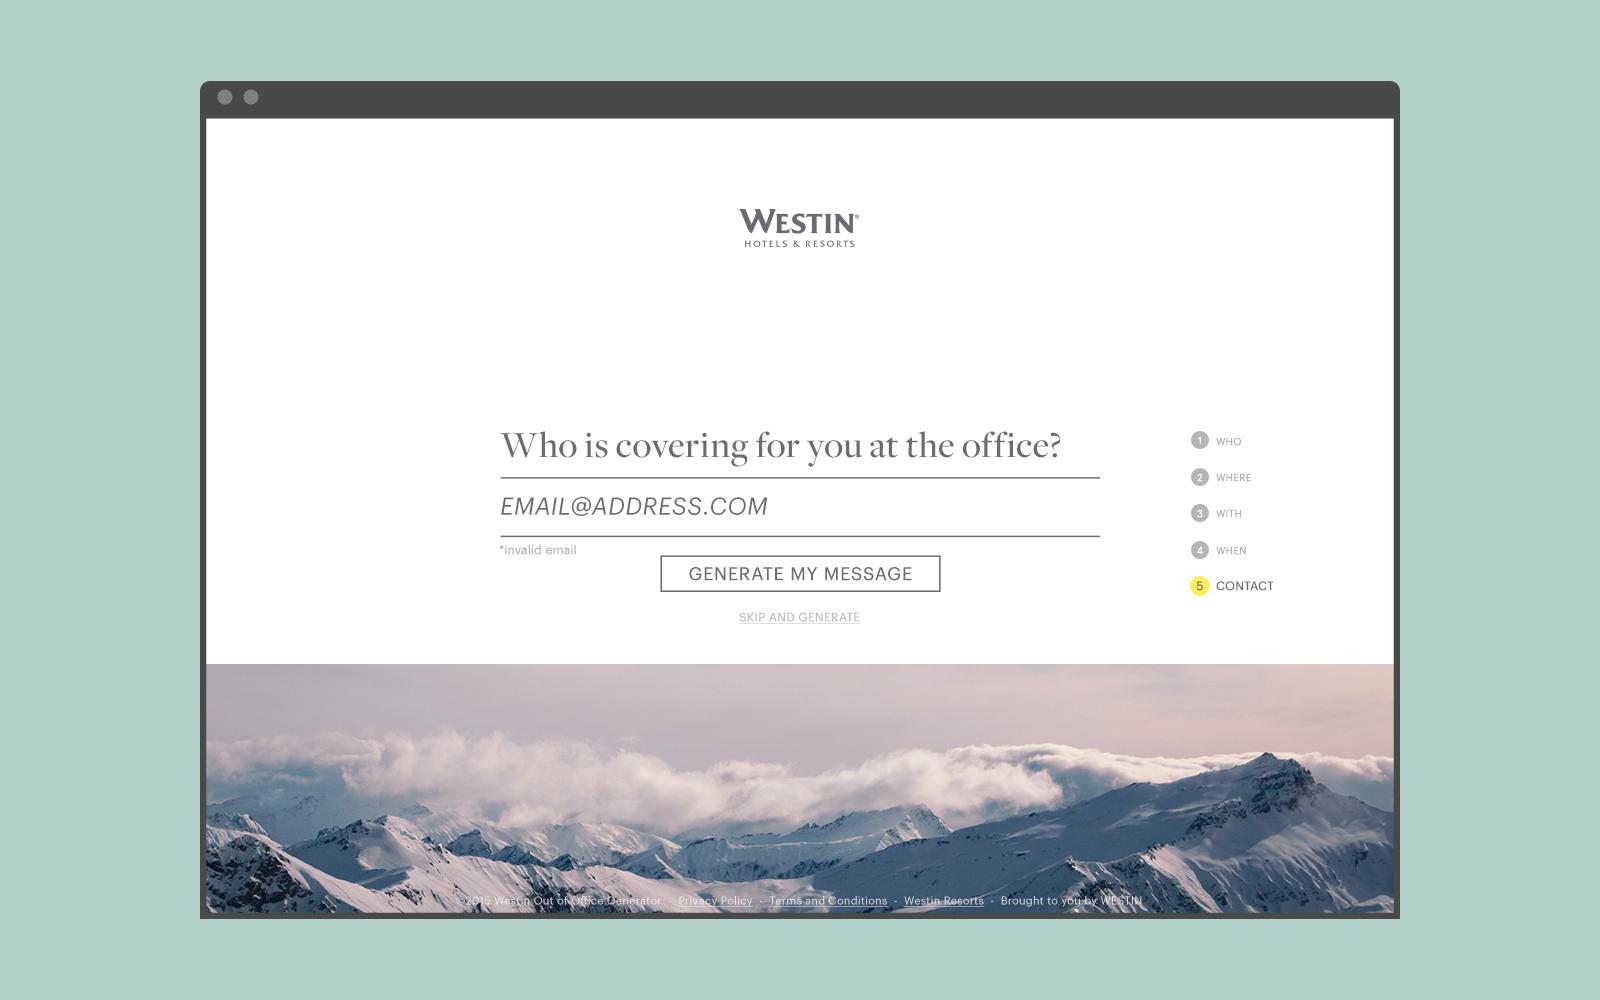 Westin_OOO_Browser_v1-6.jpg